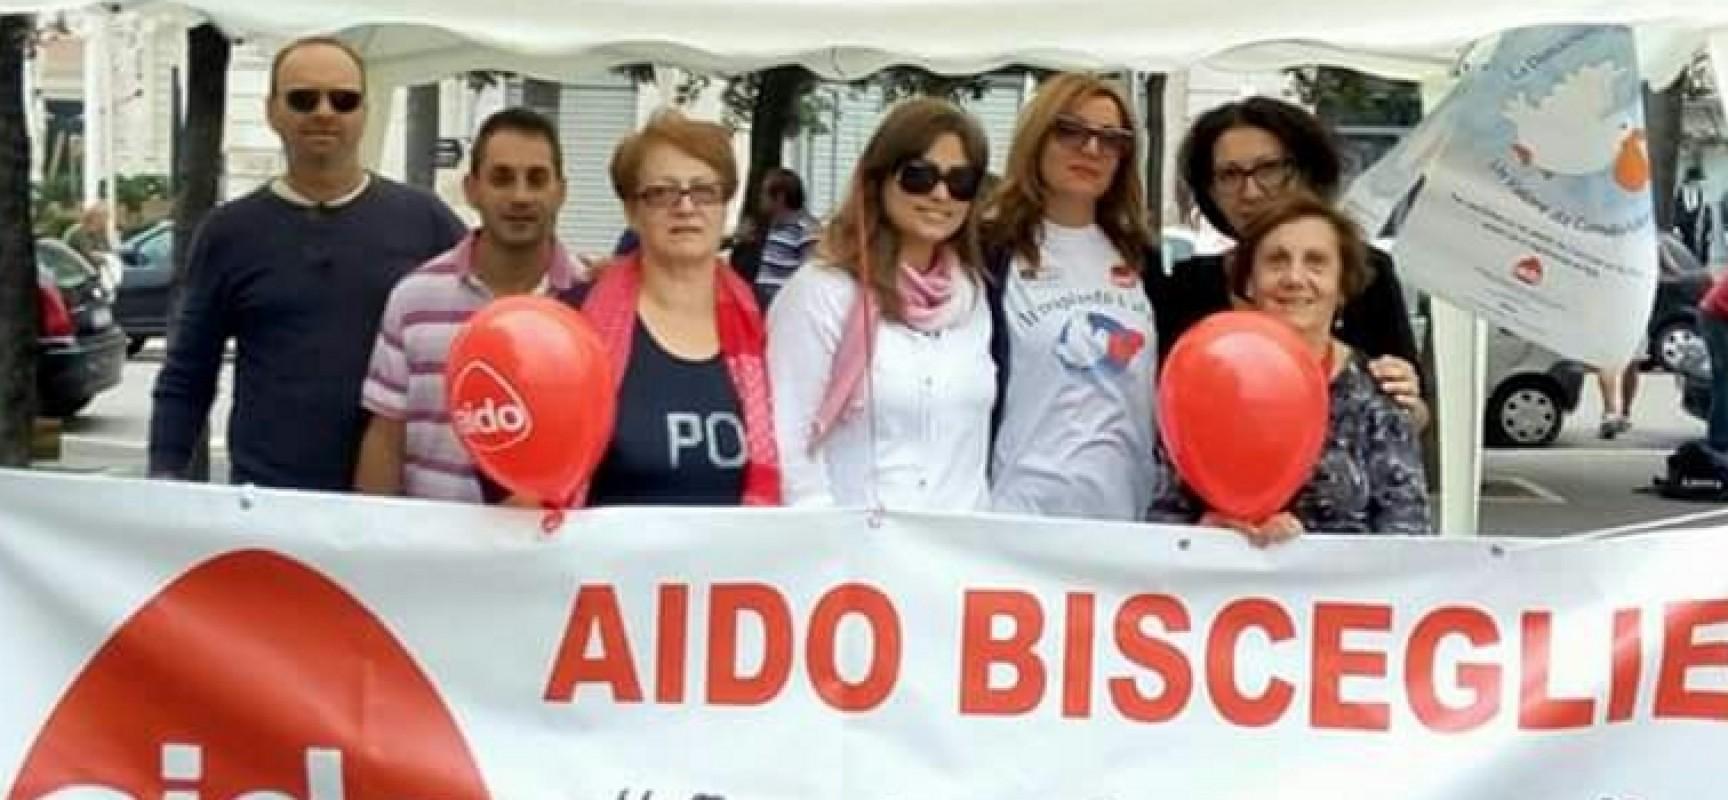 Aido Bisceglie, convocata assemblea elettiva per il quadriennio 2020/2024